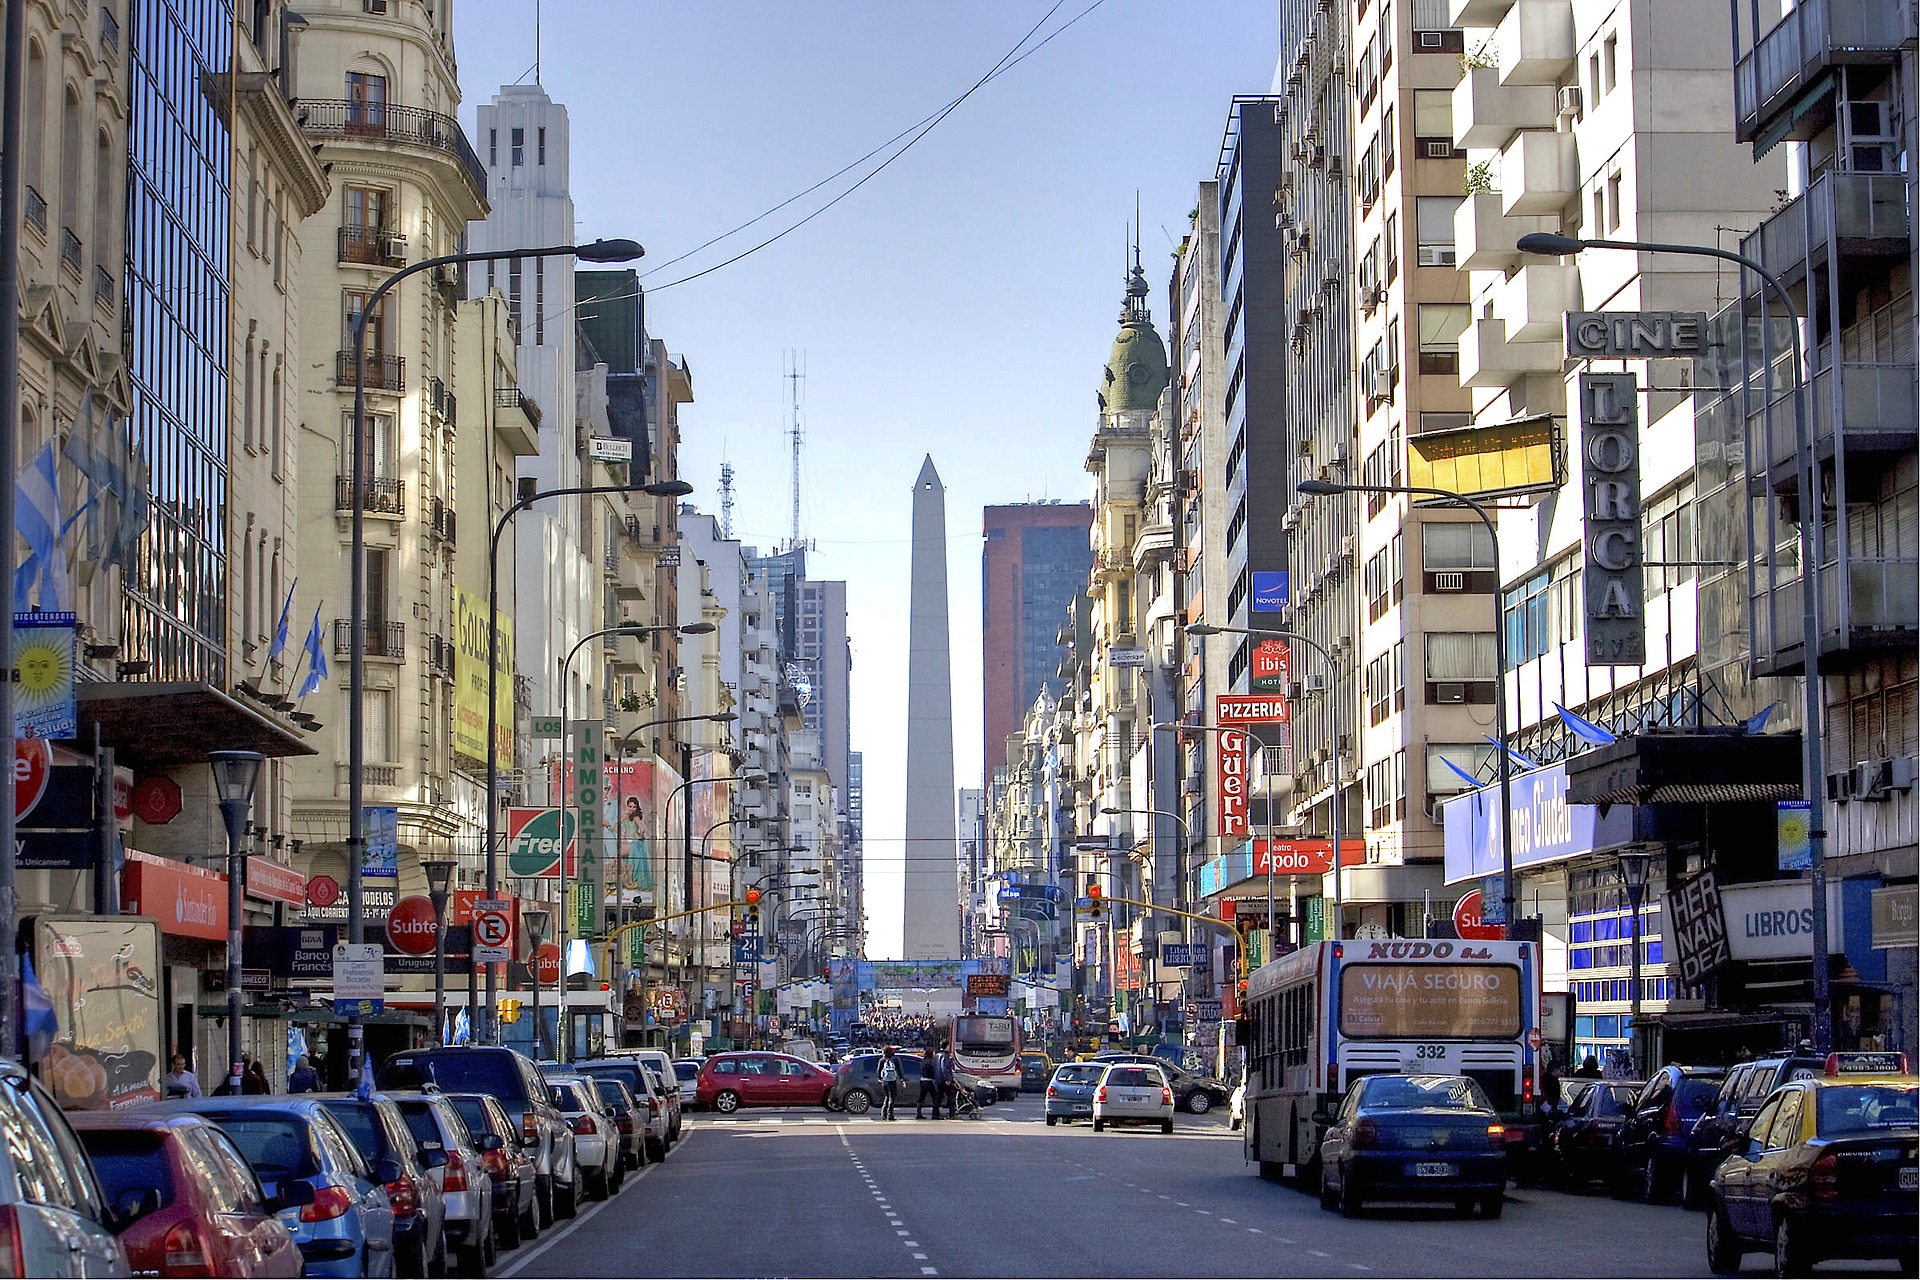 Obelisco - Onde ficar em Buenos Aires - Bairros e hotéis